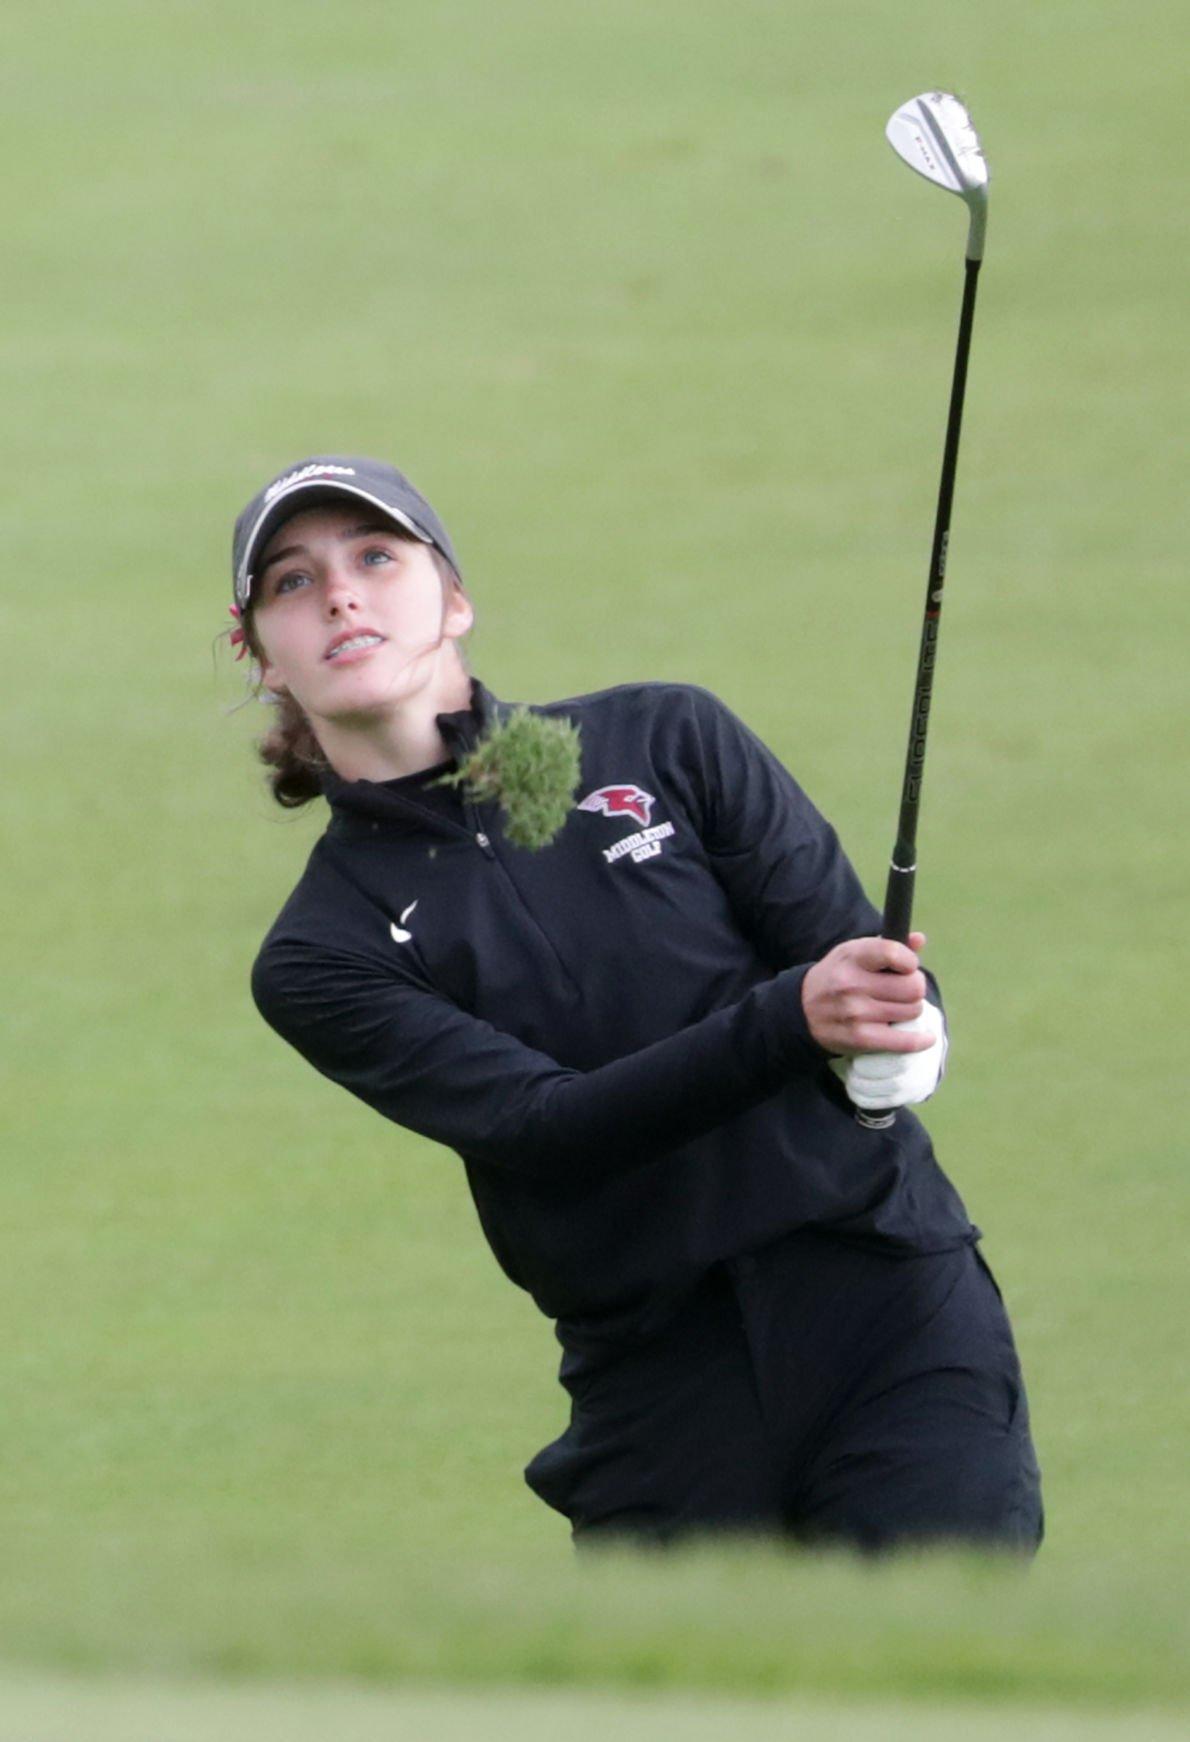 golf photo 5-3